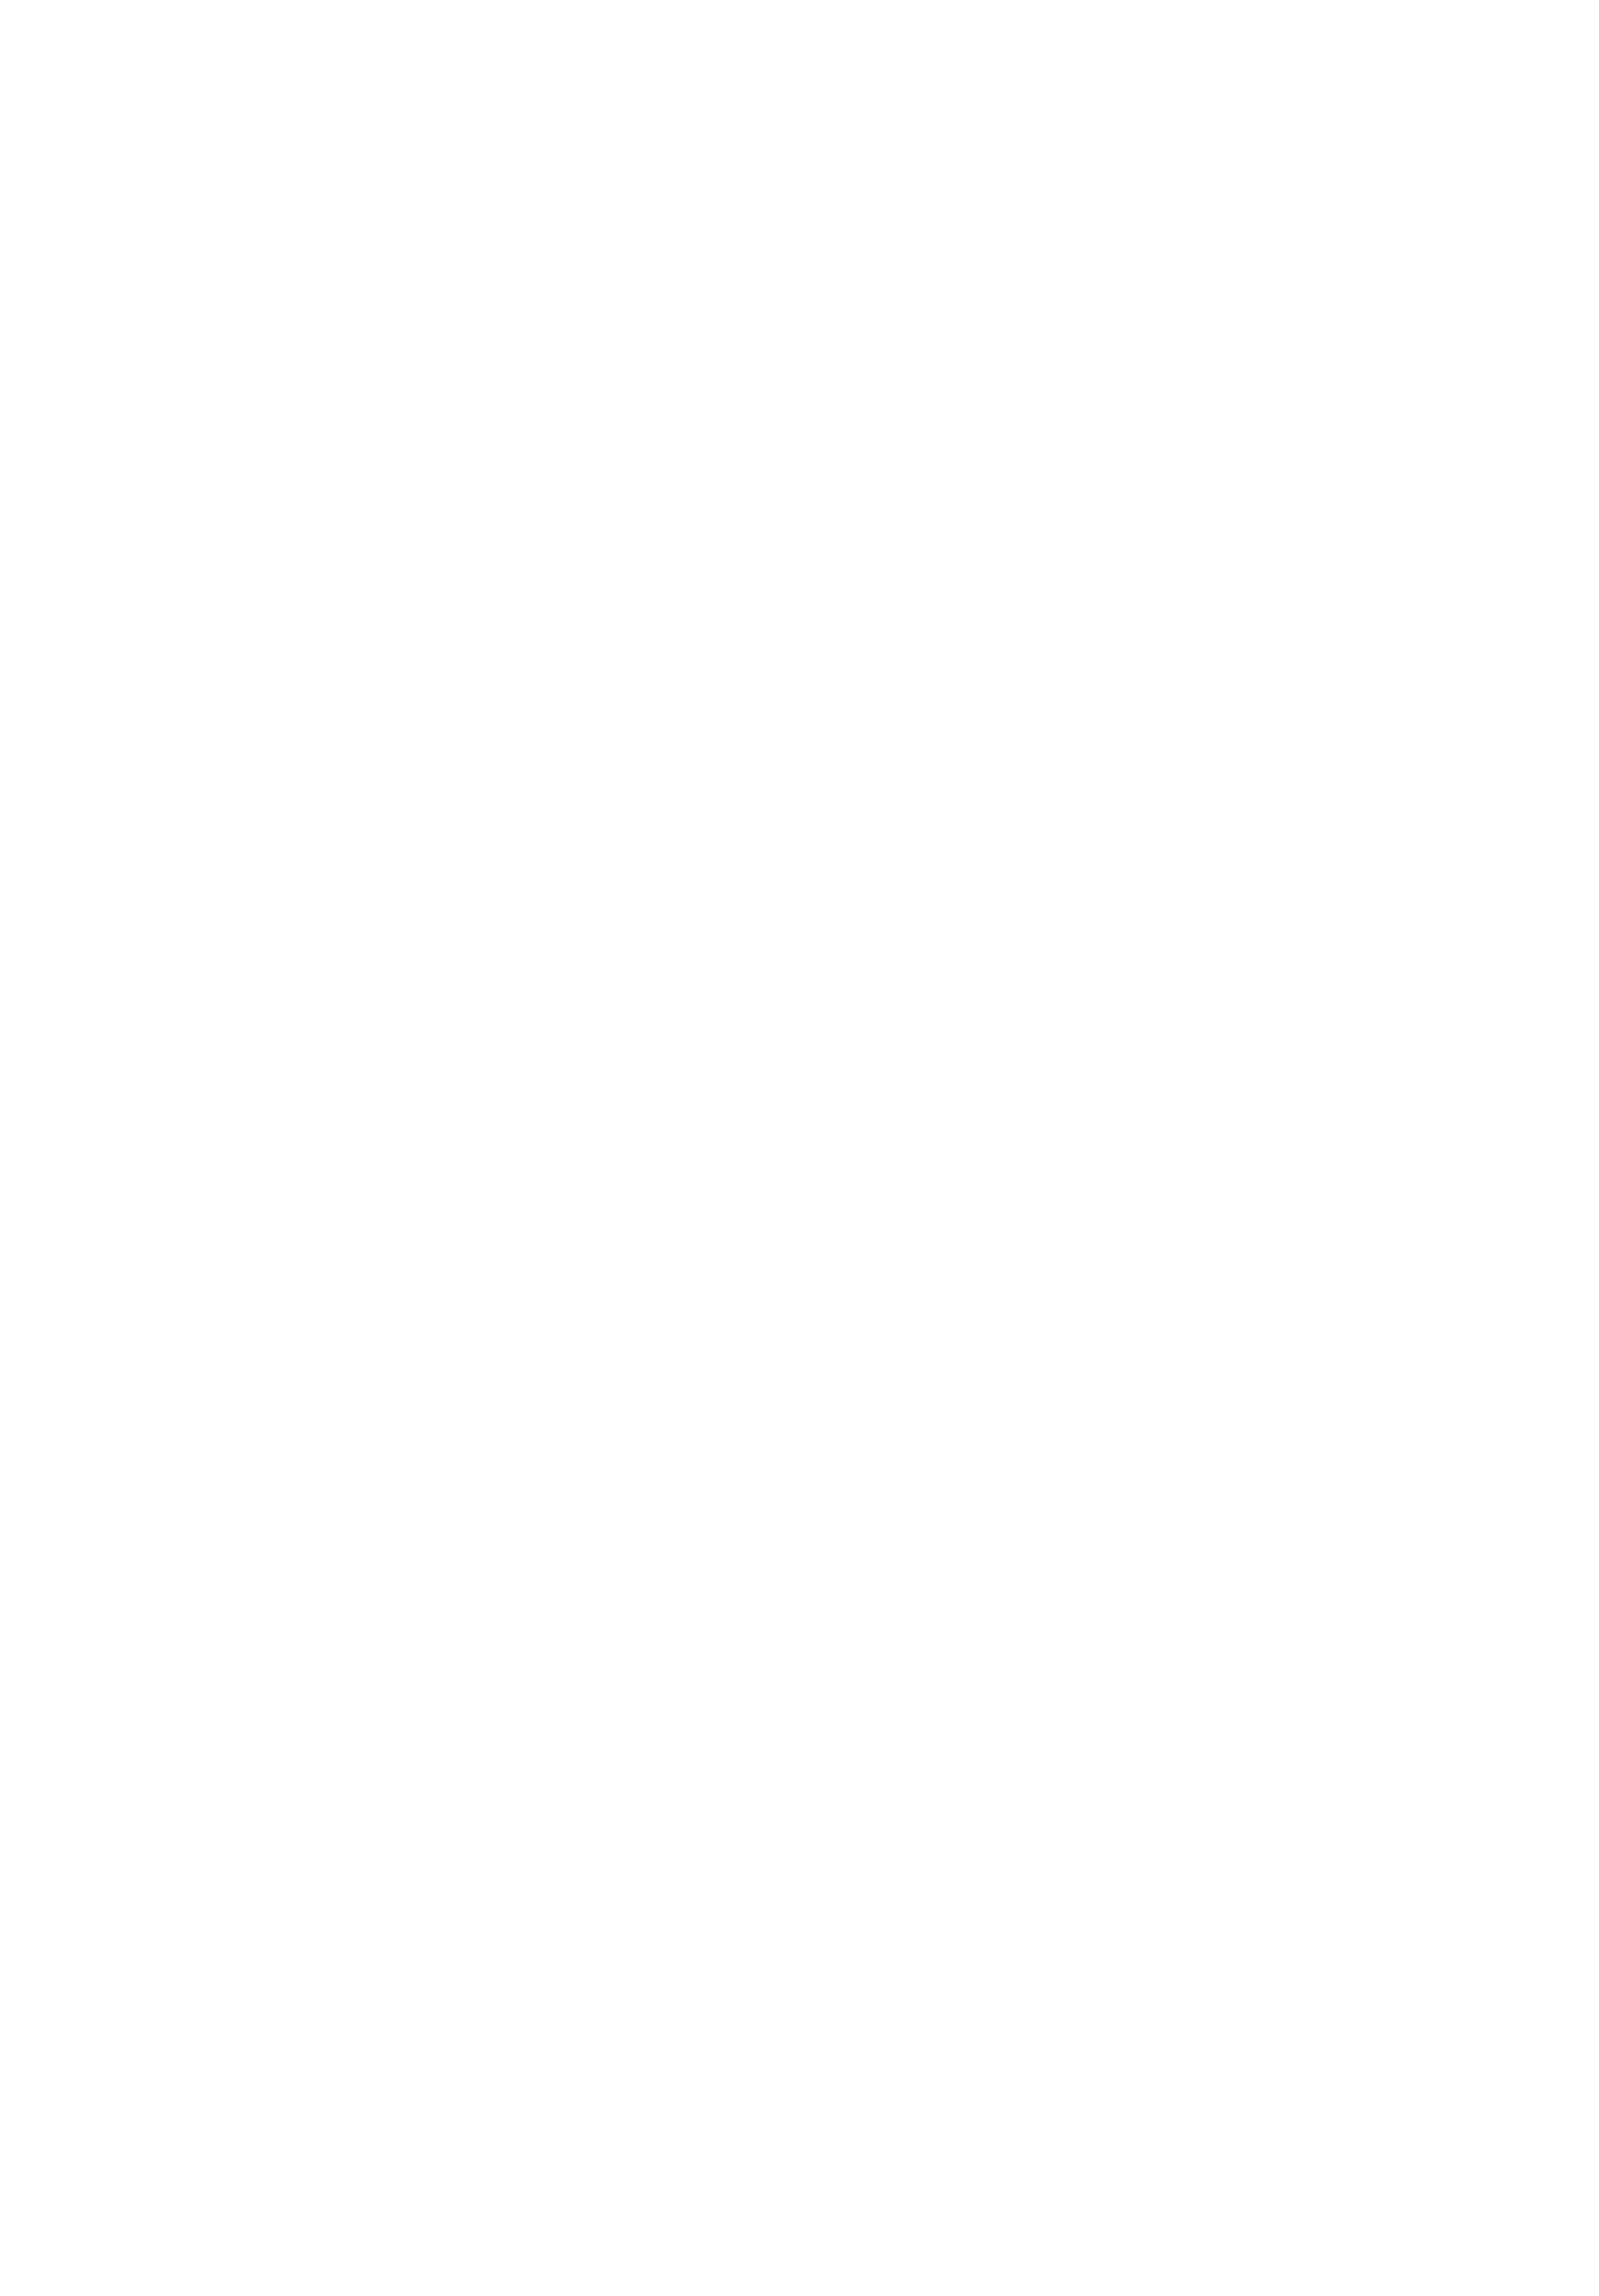 inn-sdts